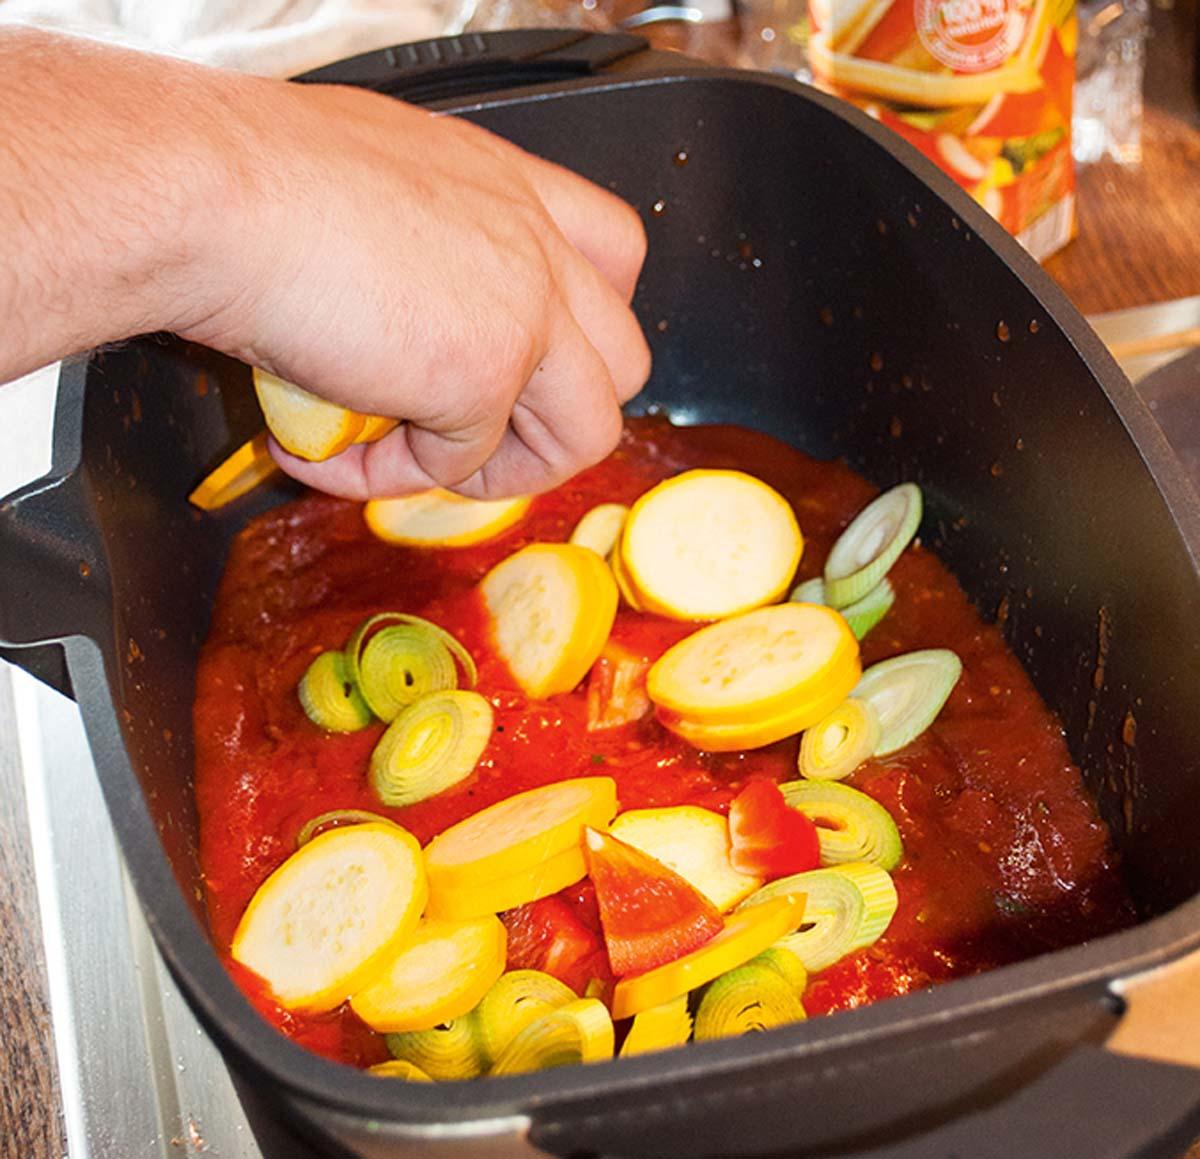 Das geschnittene Gemüse kommt nun zusammen mit der Tomatensoße in einen tiefen Bräter. Das Gemüse und die Soße müssen gut miteinander vermischt werden. Den Backofen auf 200 Grad vorheizen. Foto: A. Jagiello